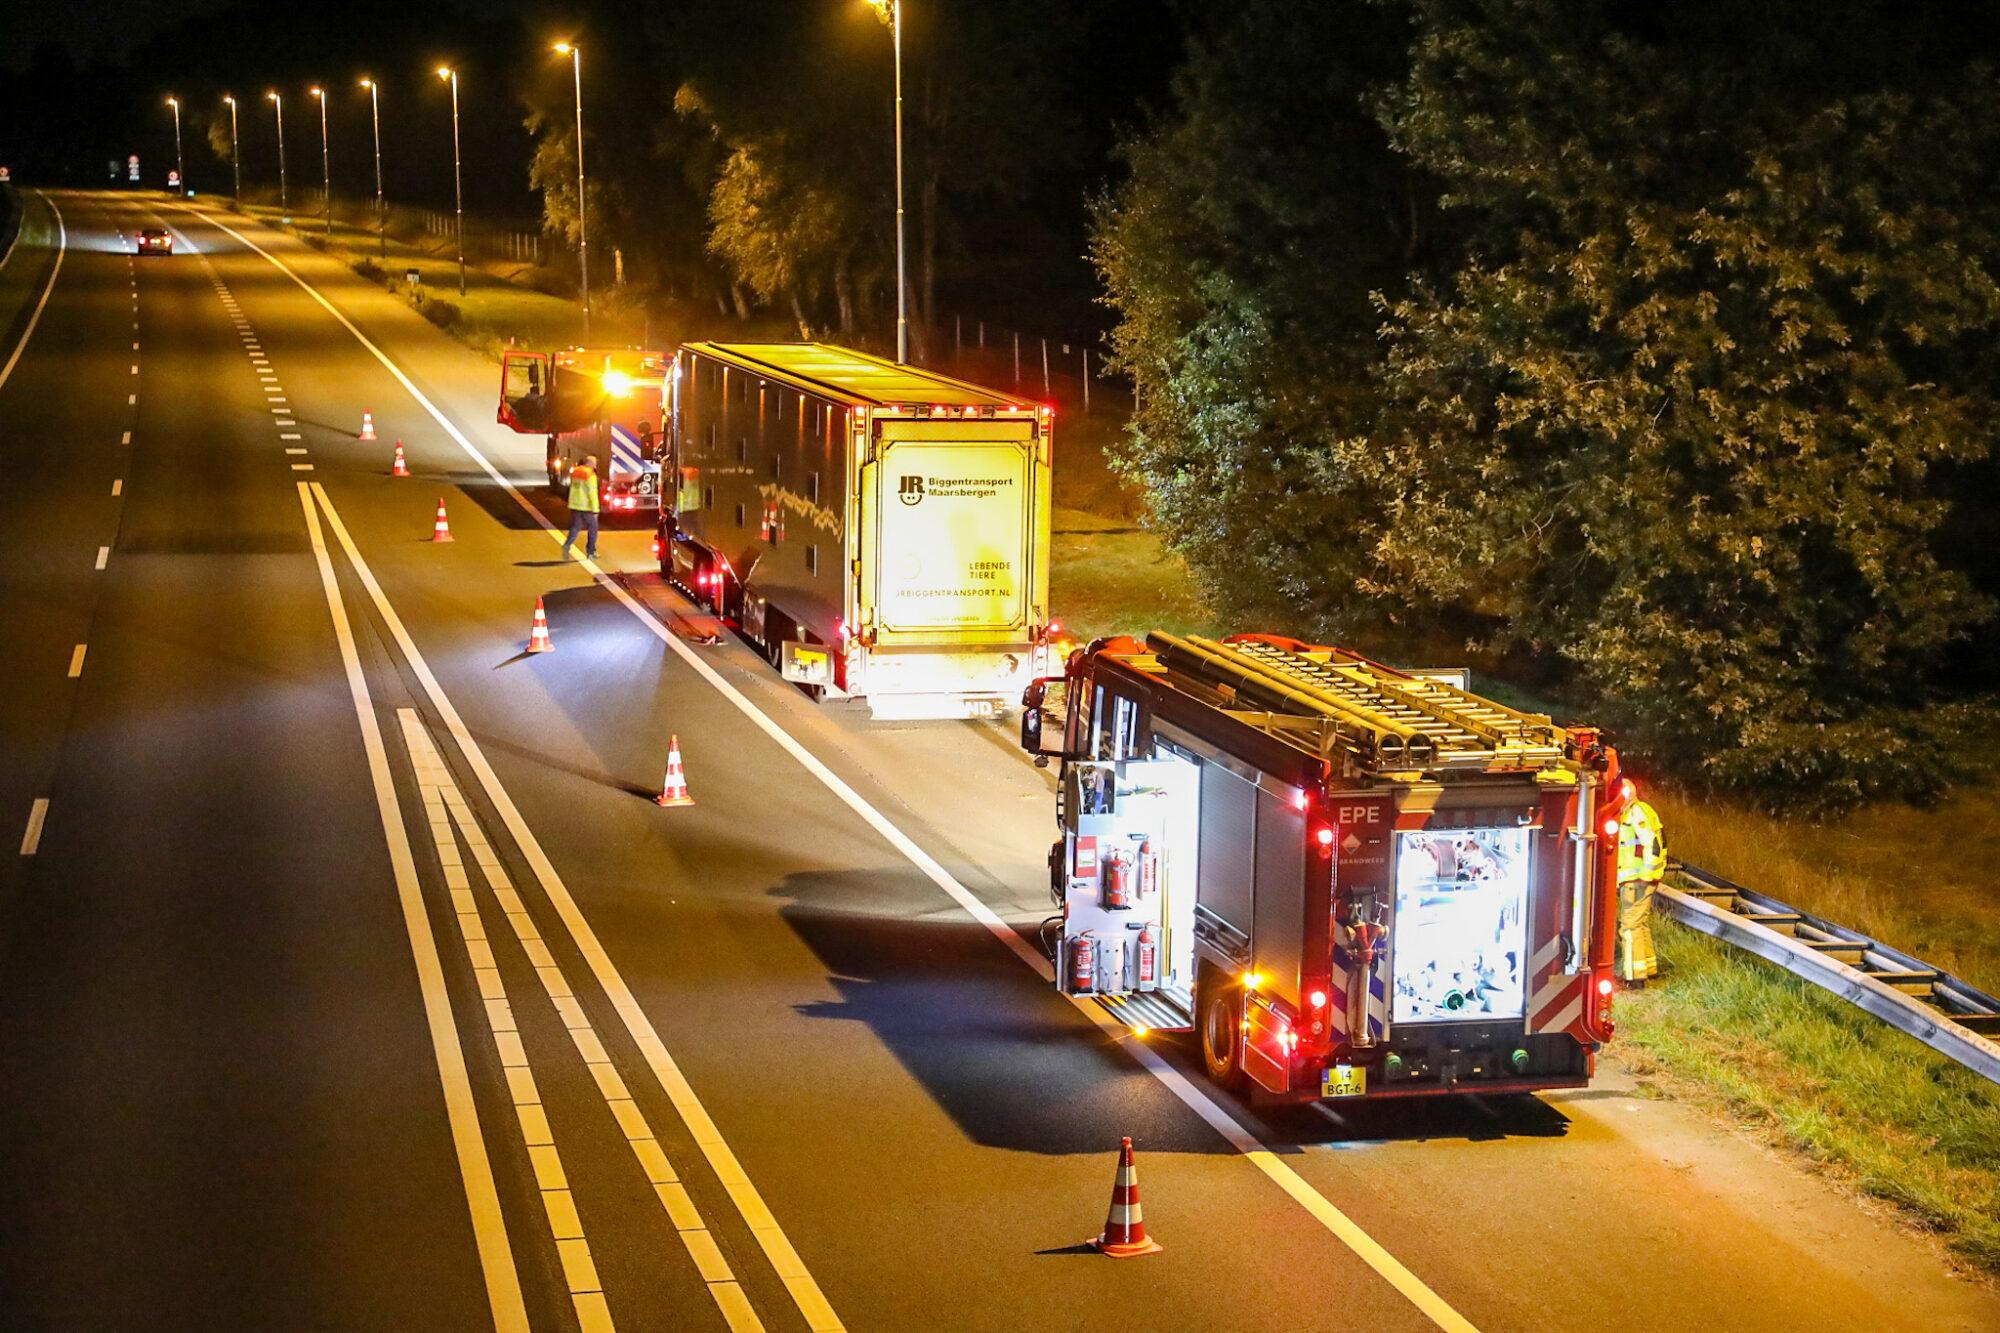 Varkens ongedeerd bij vrachtwagenbrand op A50 richting Apeldoorn